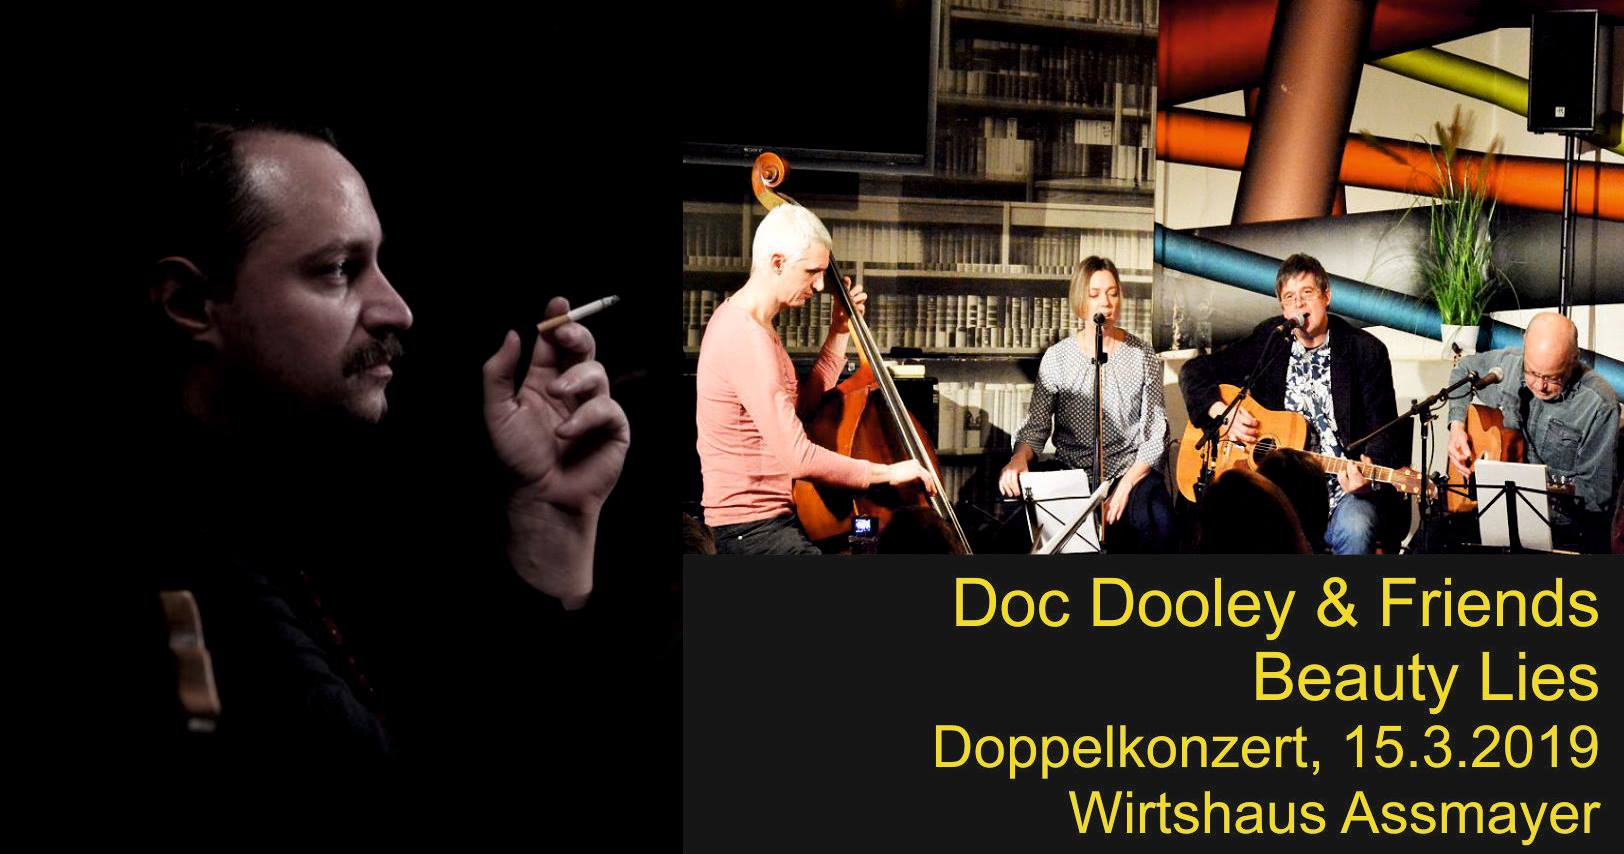 Beauty Lies meet Doc Dooley & Friends (Doppelkonzert)